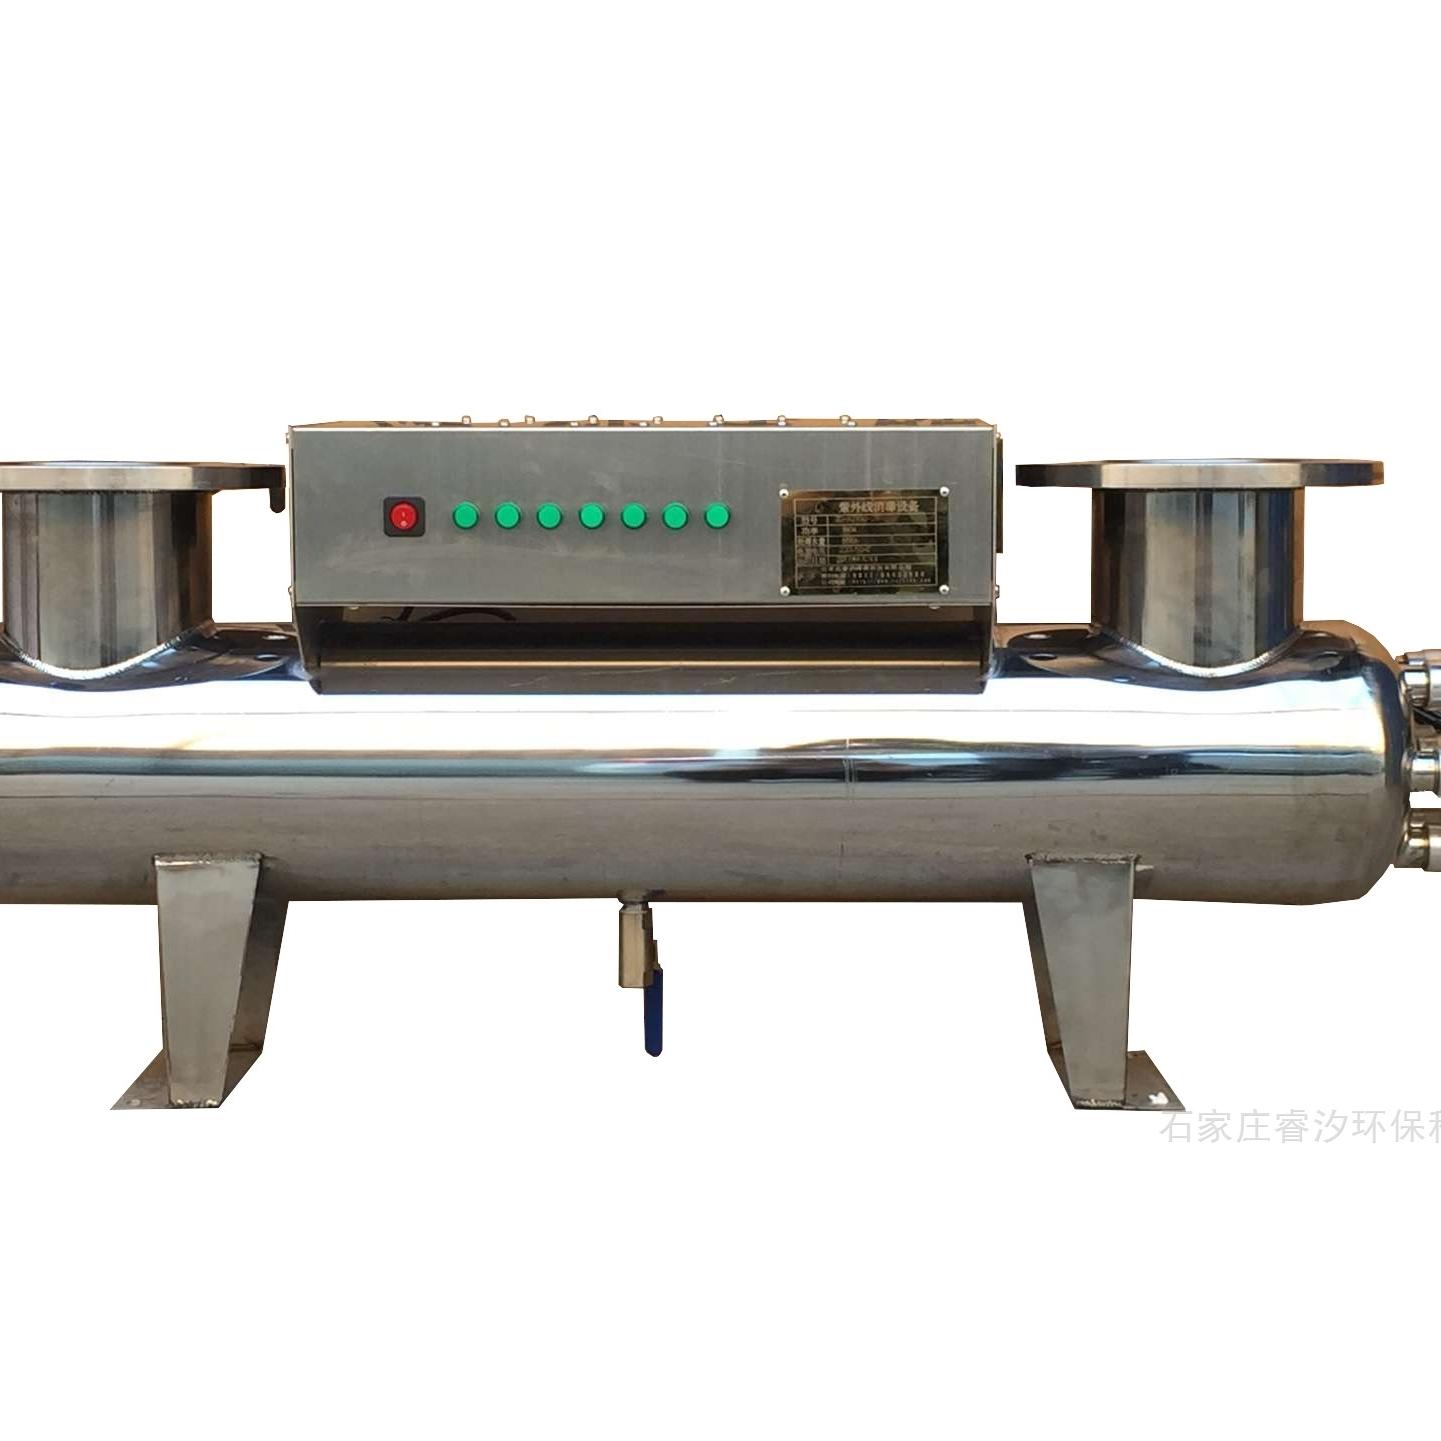 辽阳市定制低压高强度紫外线消毒器